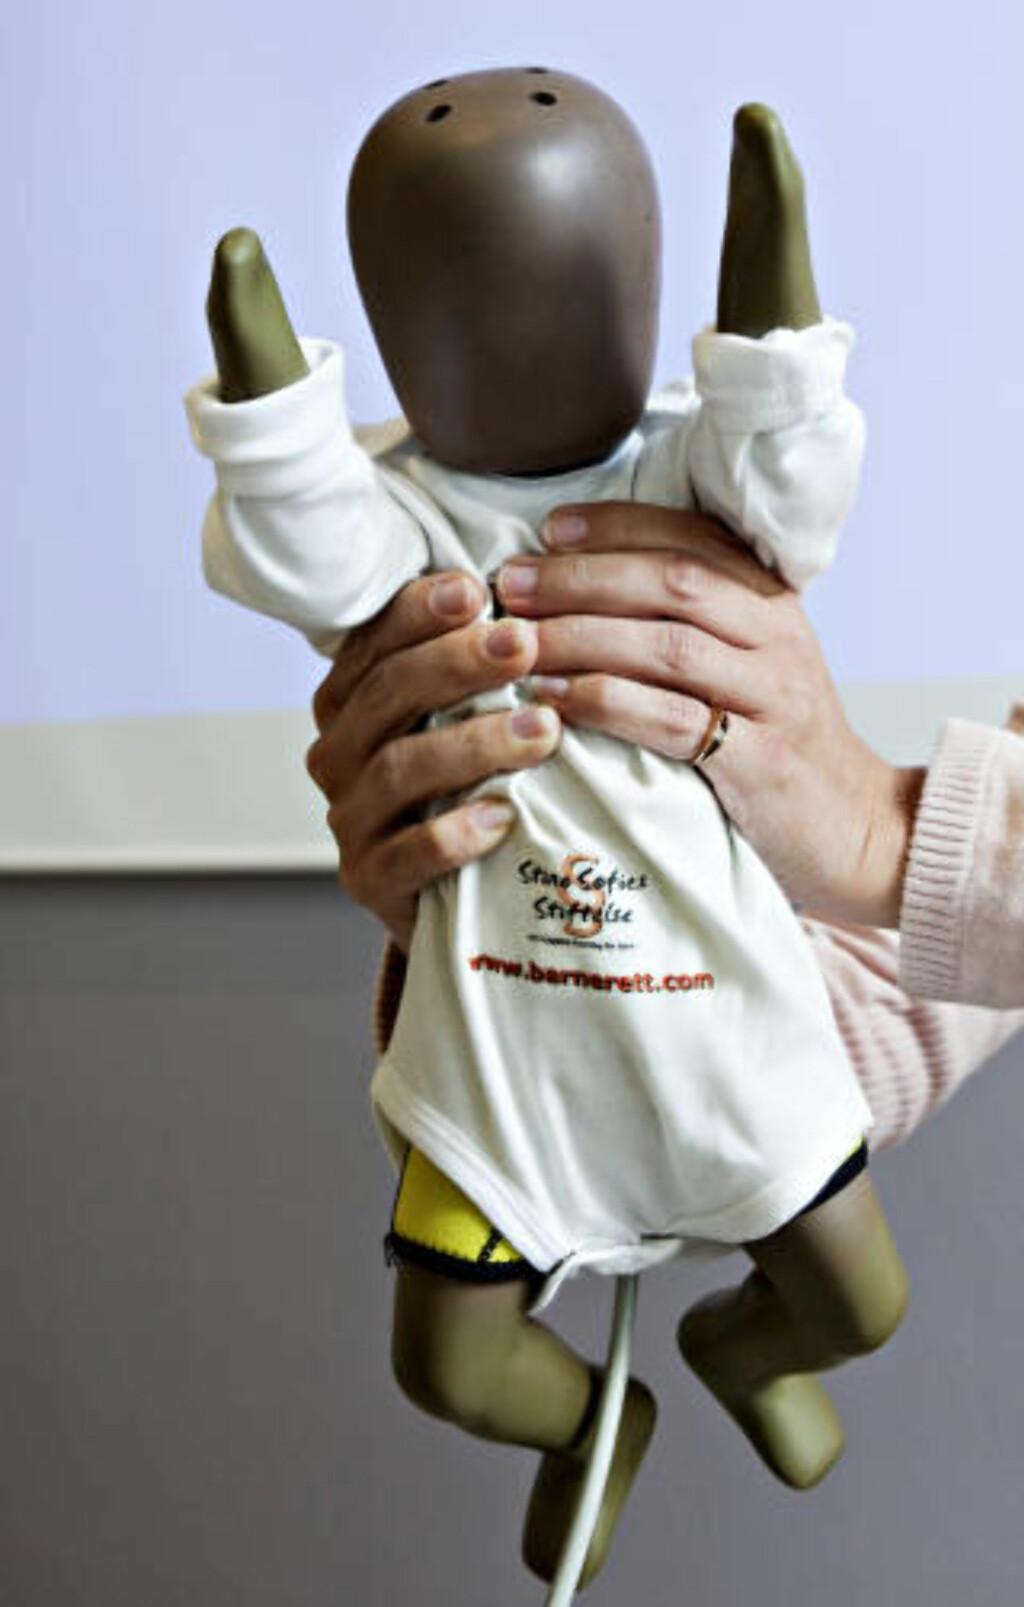 ETTERPRØVE HISTORIER:  Baby Justicia finne ut mer om shaken baby syndrome, og etterprøve de historiene som blir lagt frem når spedbarn blir lagt inn på sykehus. Foto: Nina Hansen